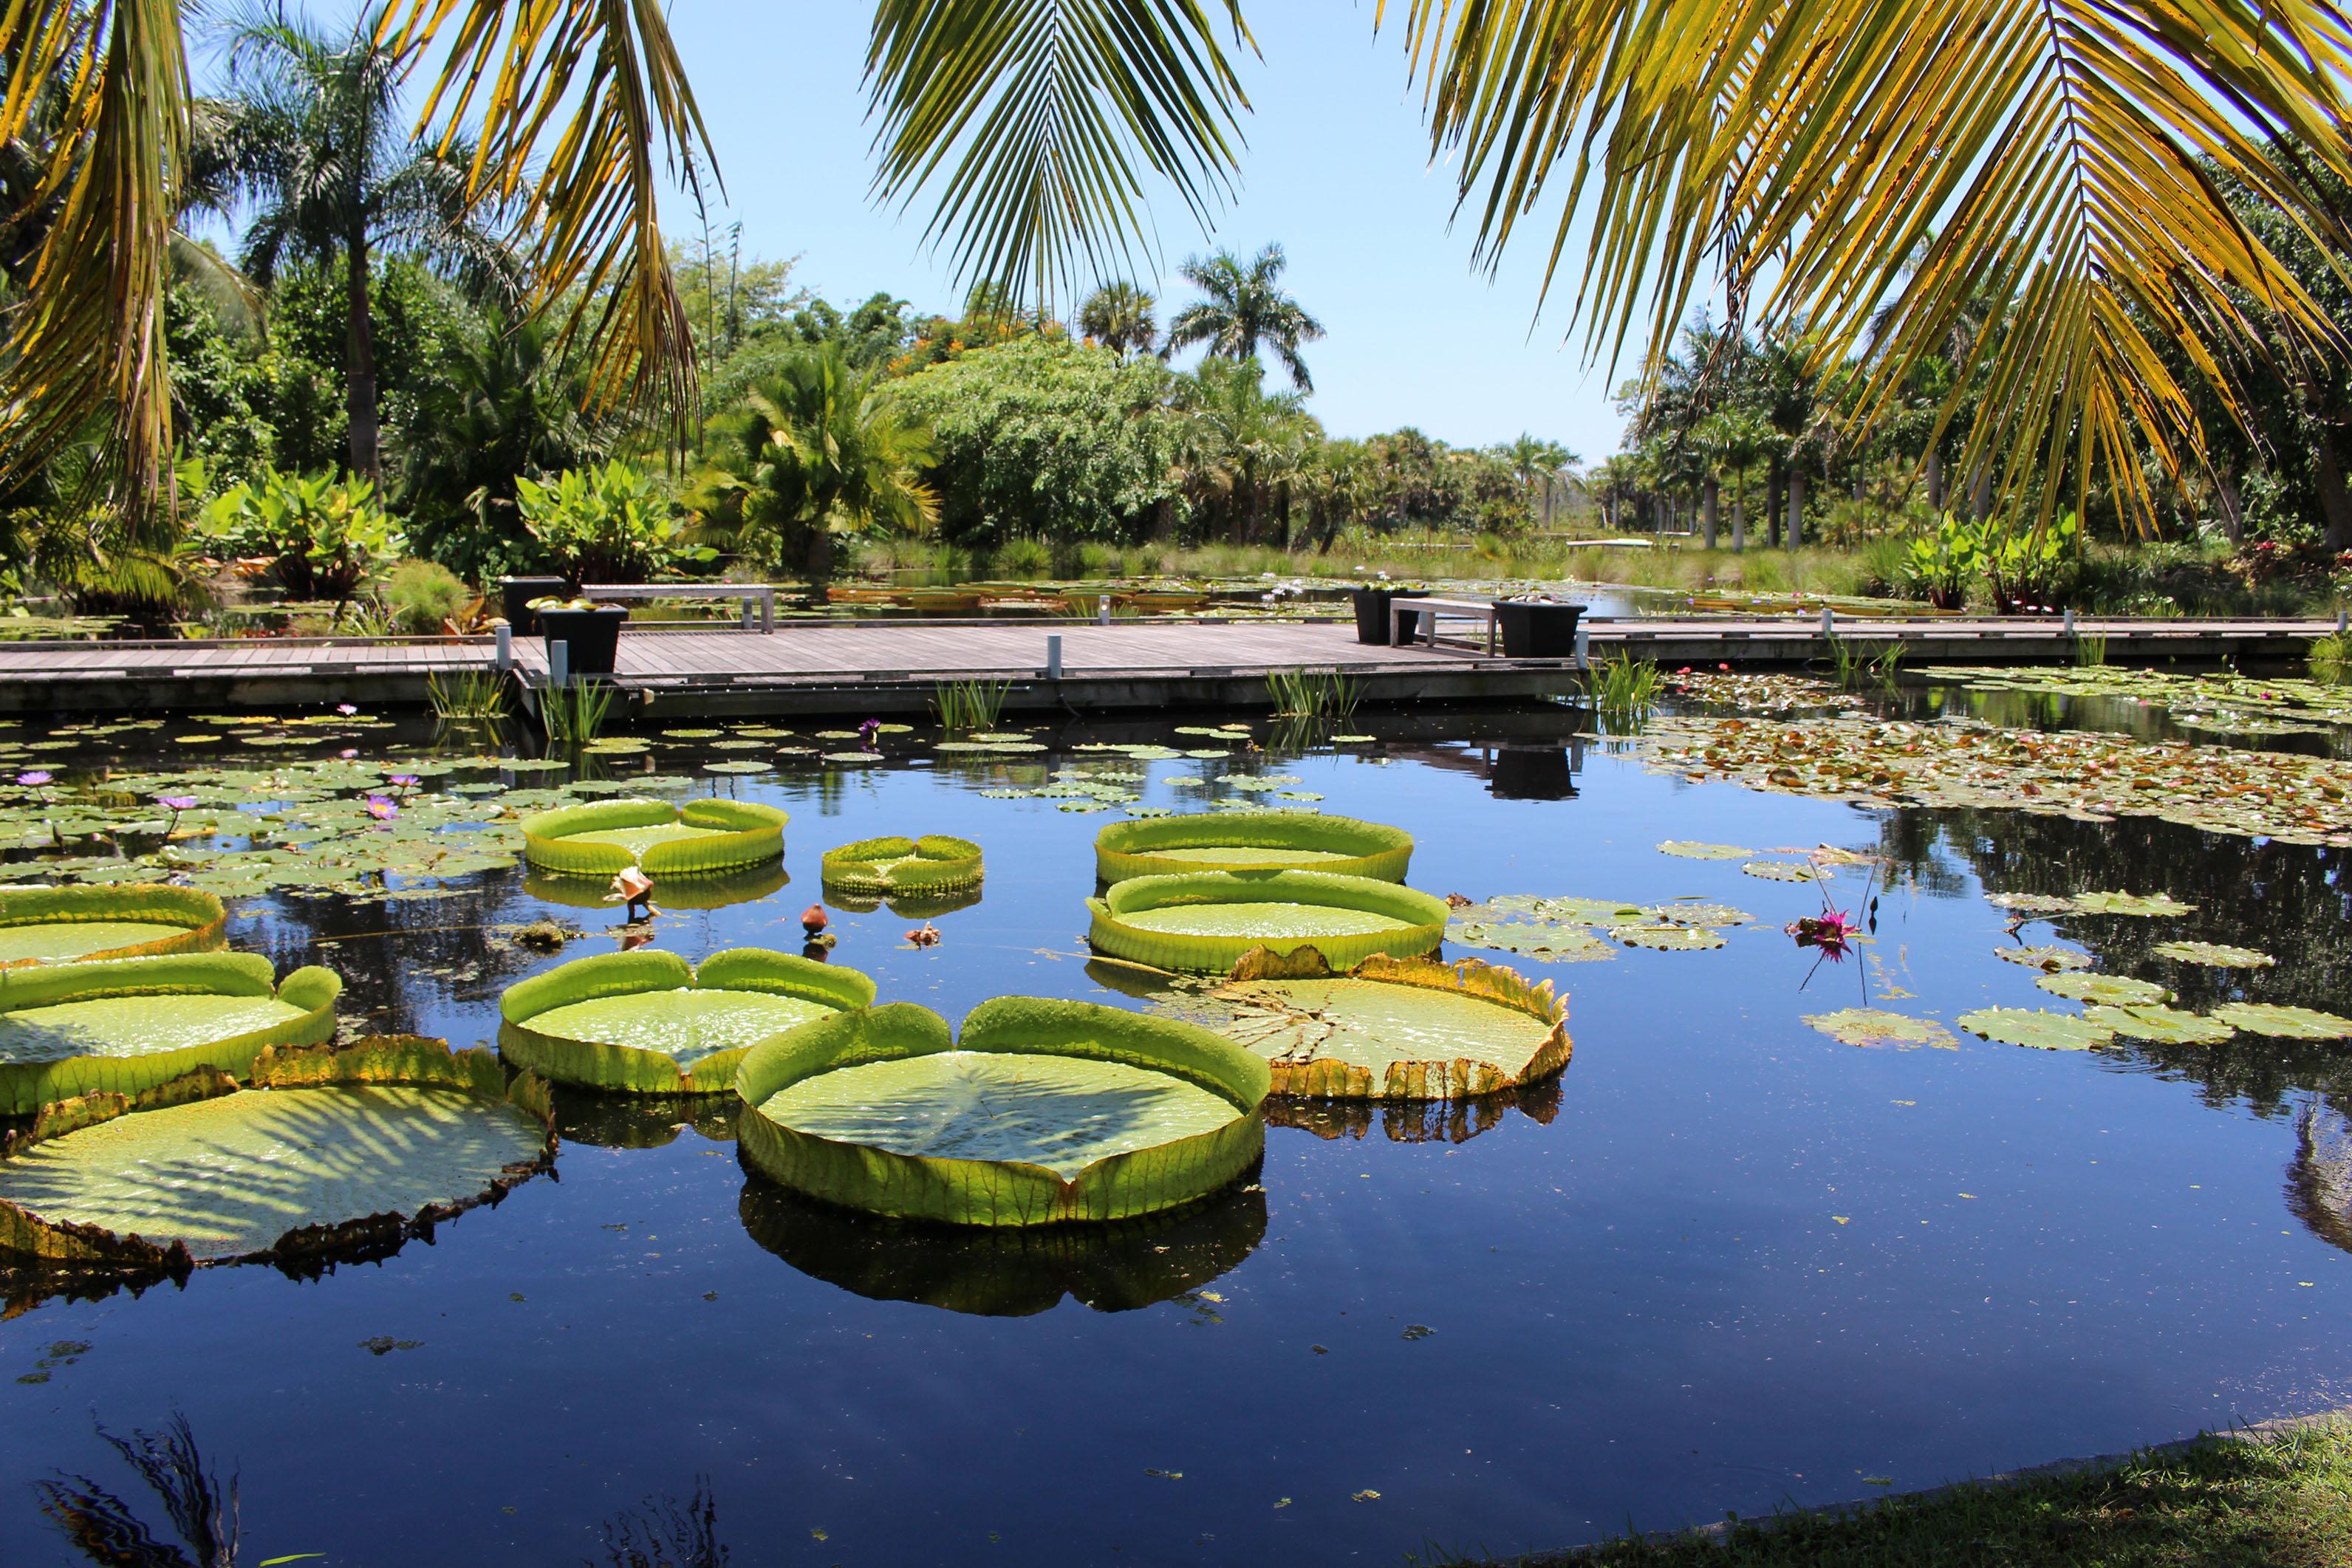 Award For Garden Excellence Celebration | Naples Botanical With Calendar For Naples Florida